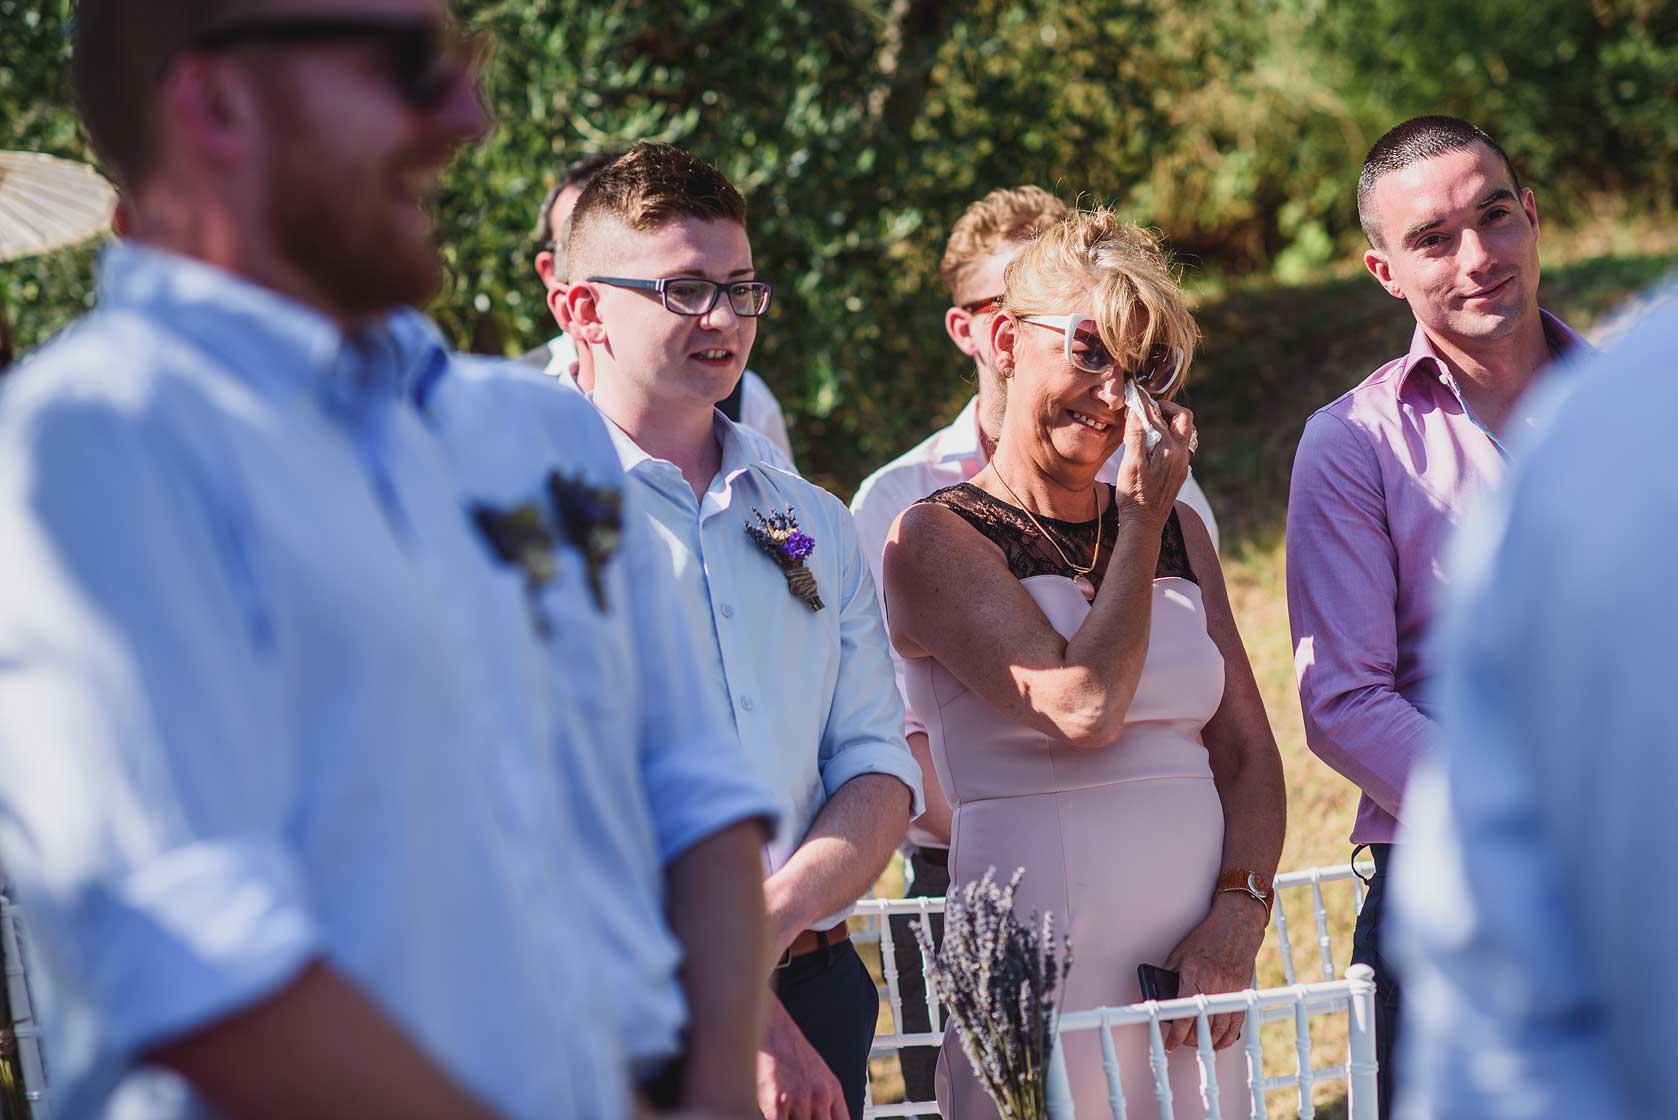 Borgo Bucciano Wedding in Italy